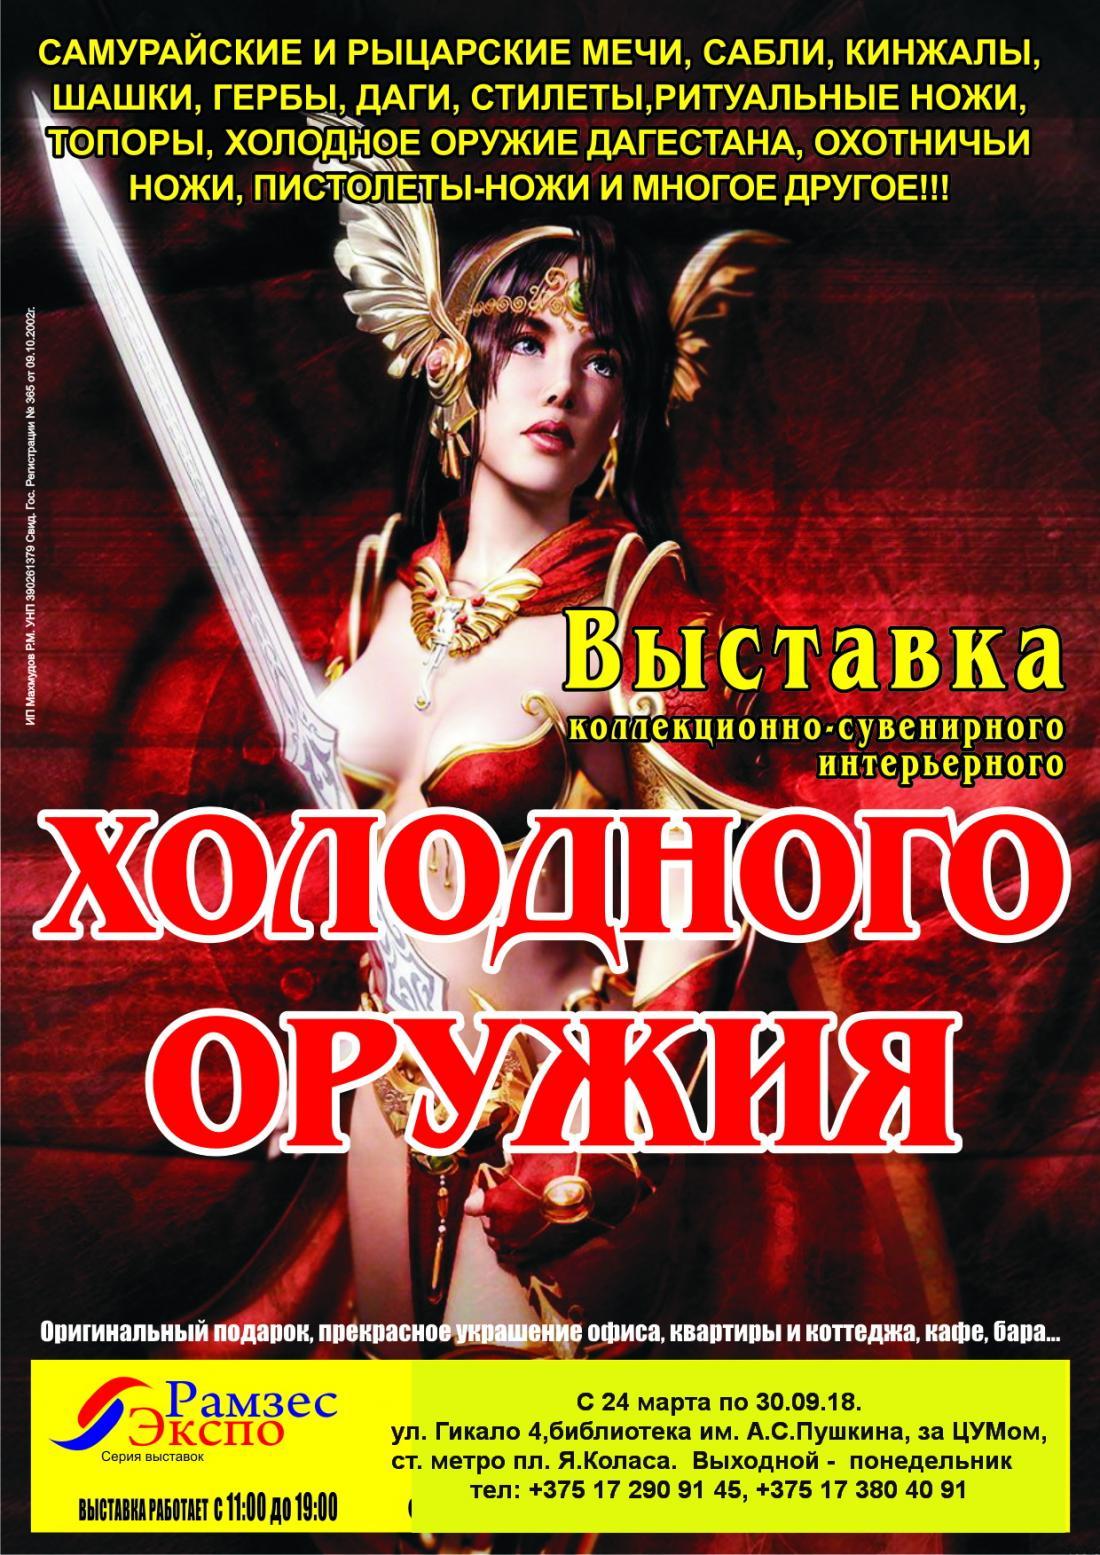 Выставка коллекционно-сувенирного холодного оружия всего от 1,50 руб/билет